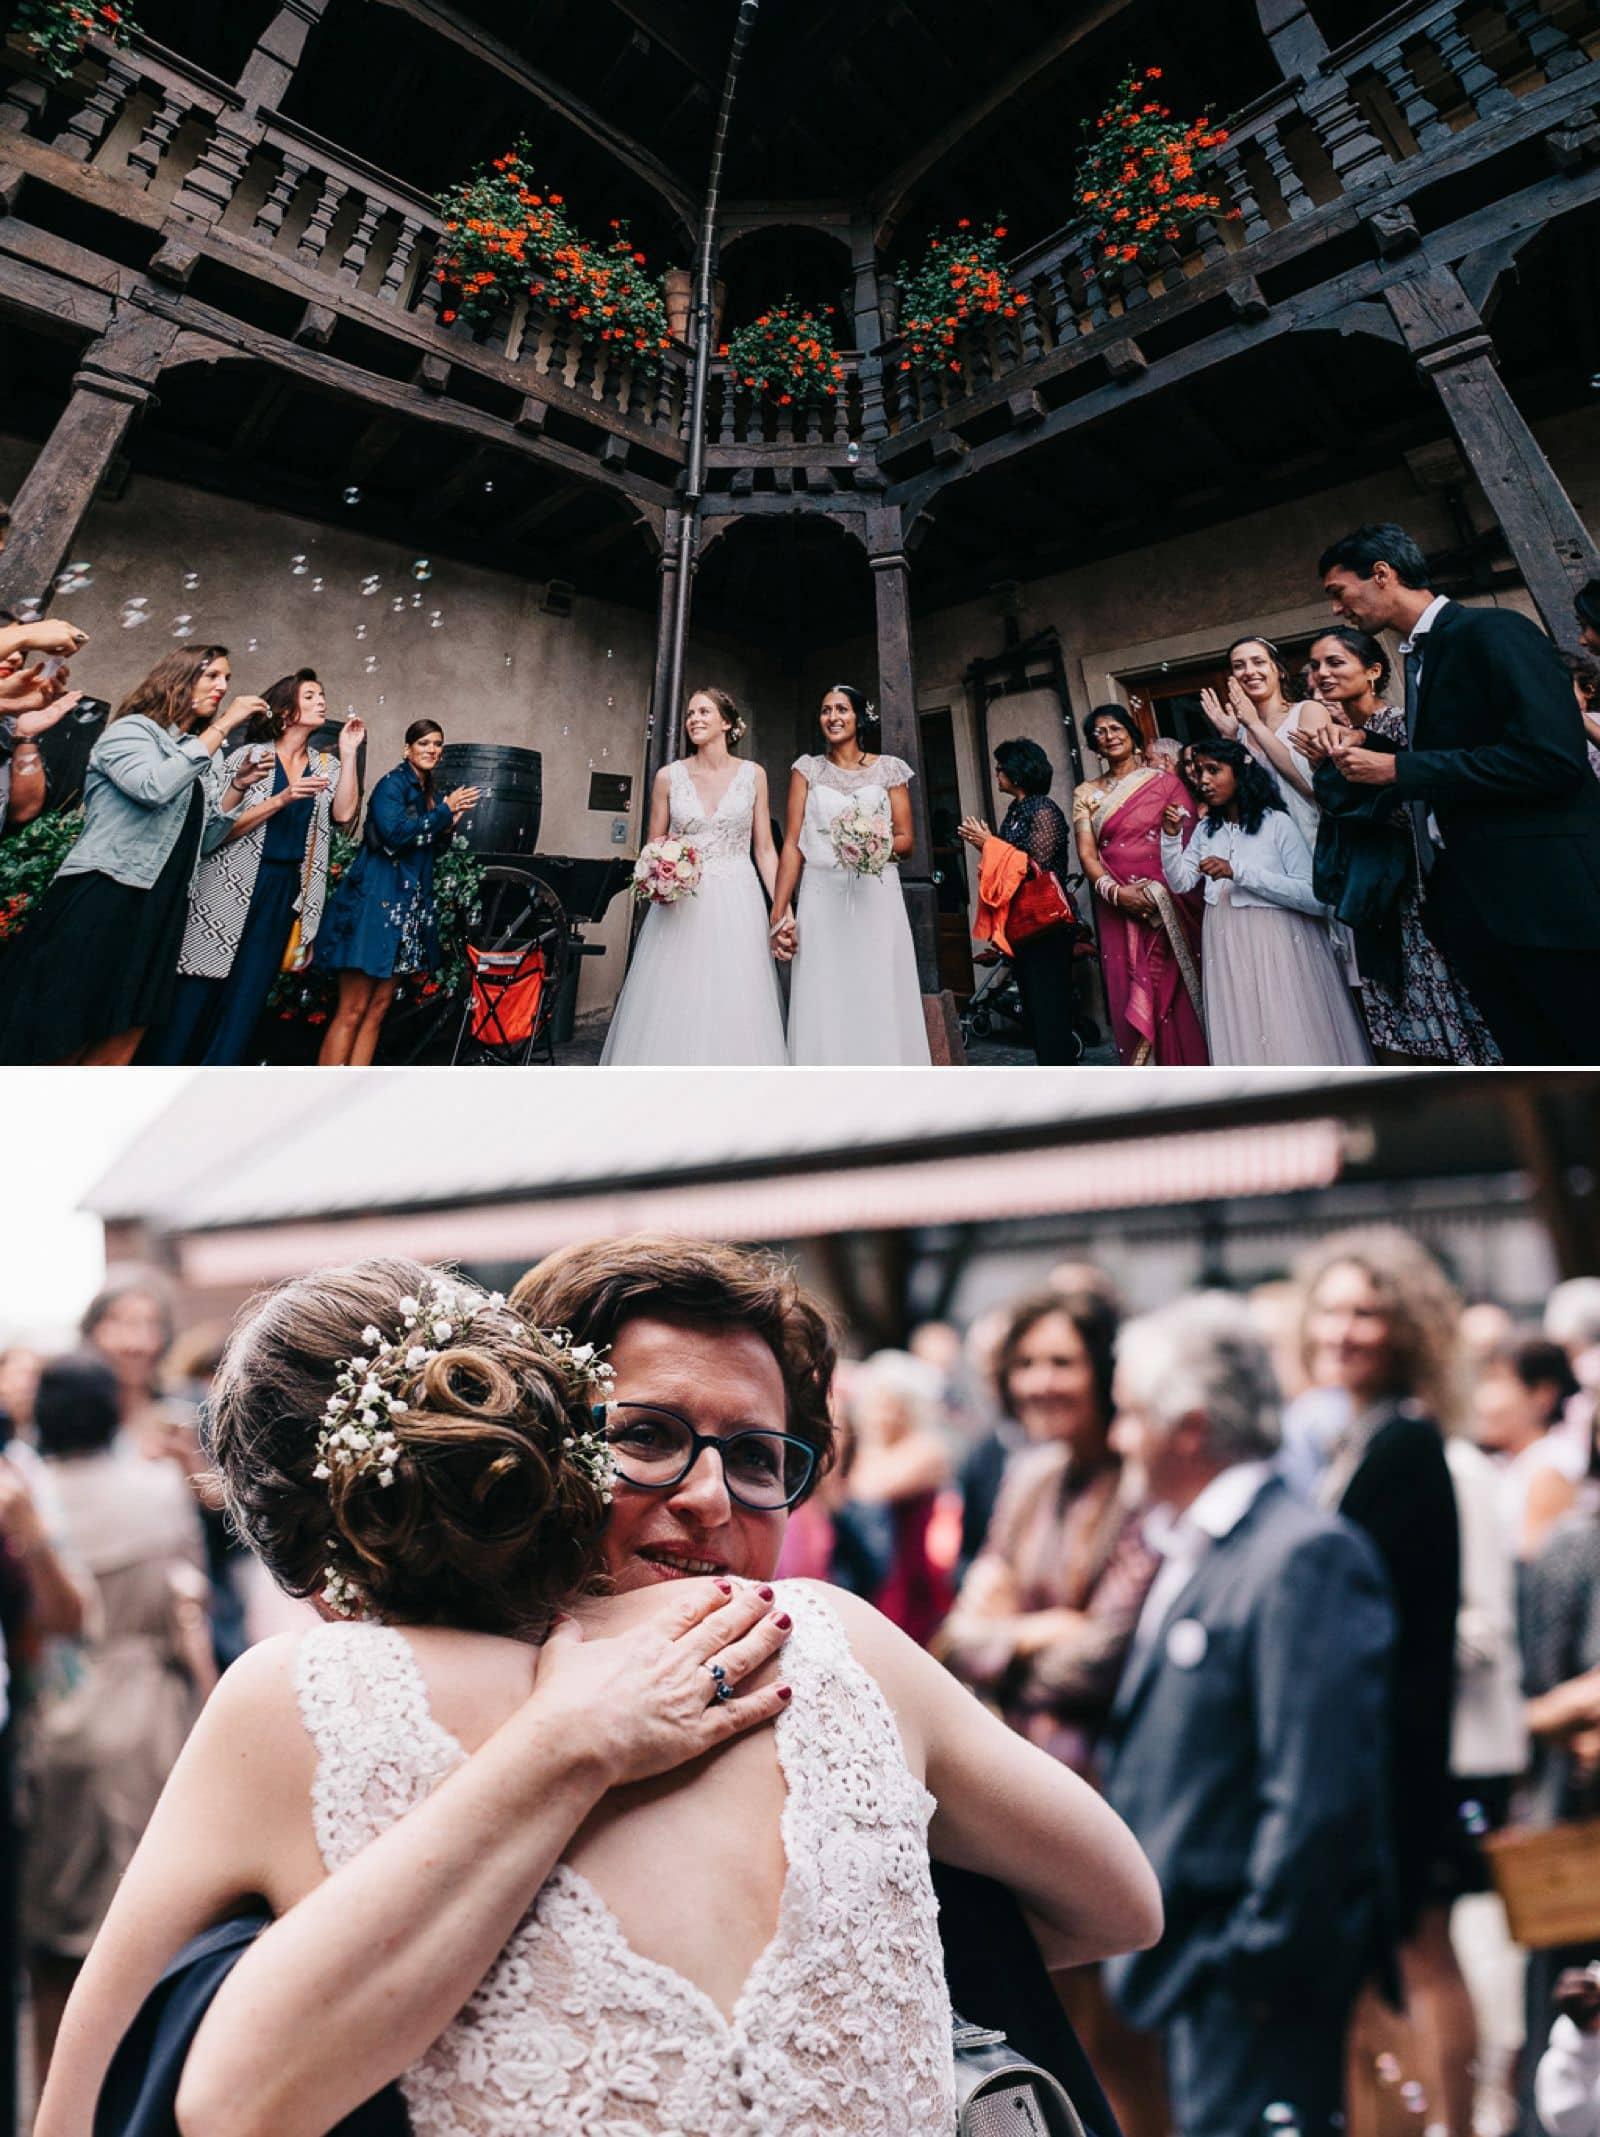 Photographe de mariage en Alsace à la cour de honau